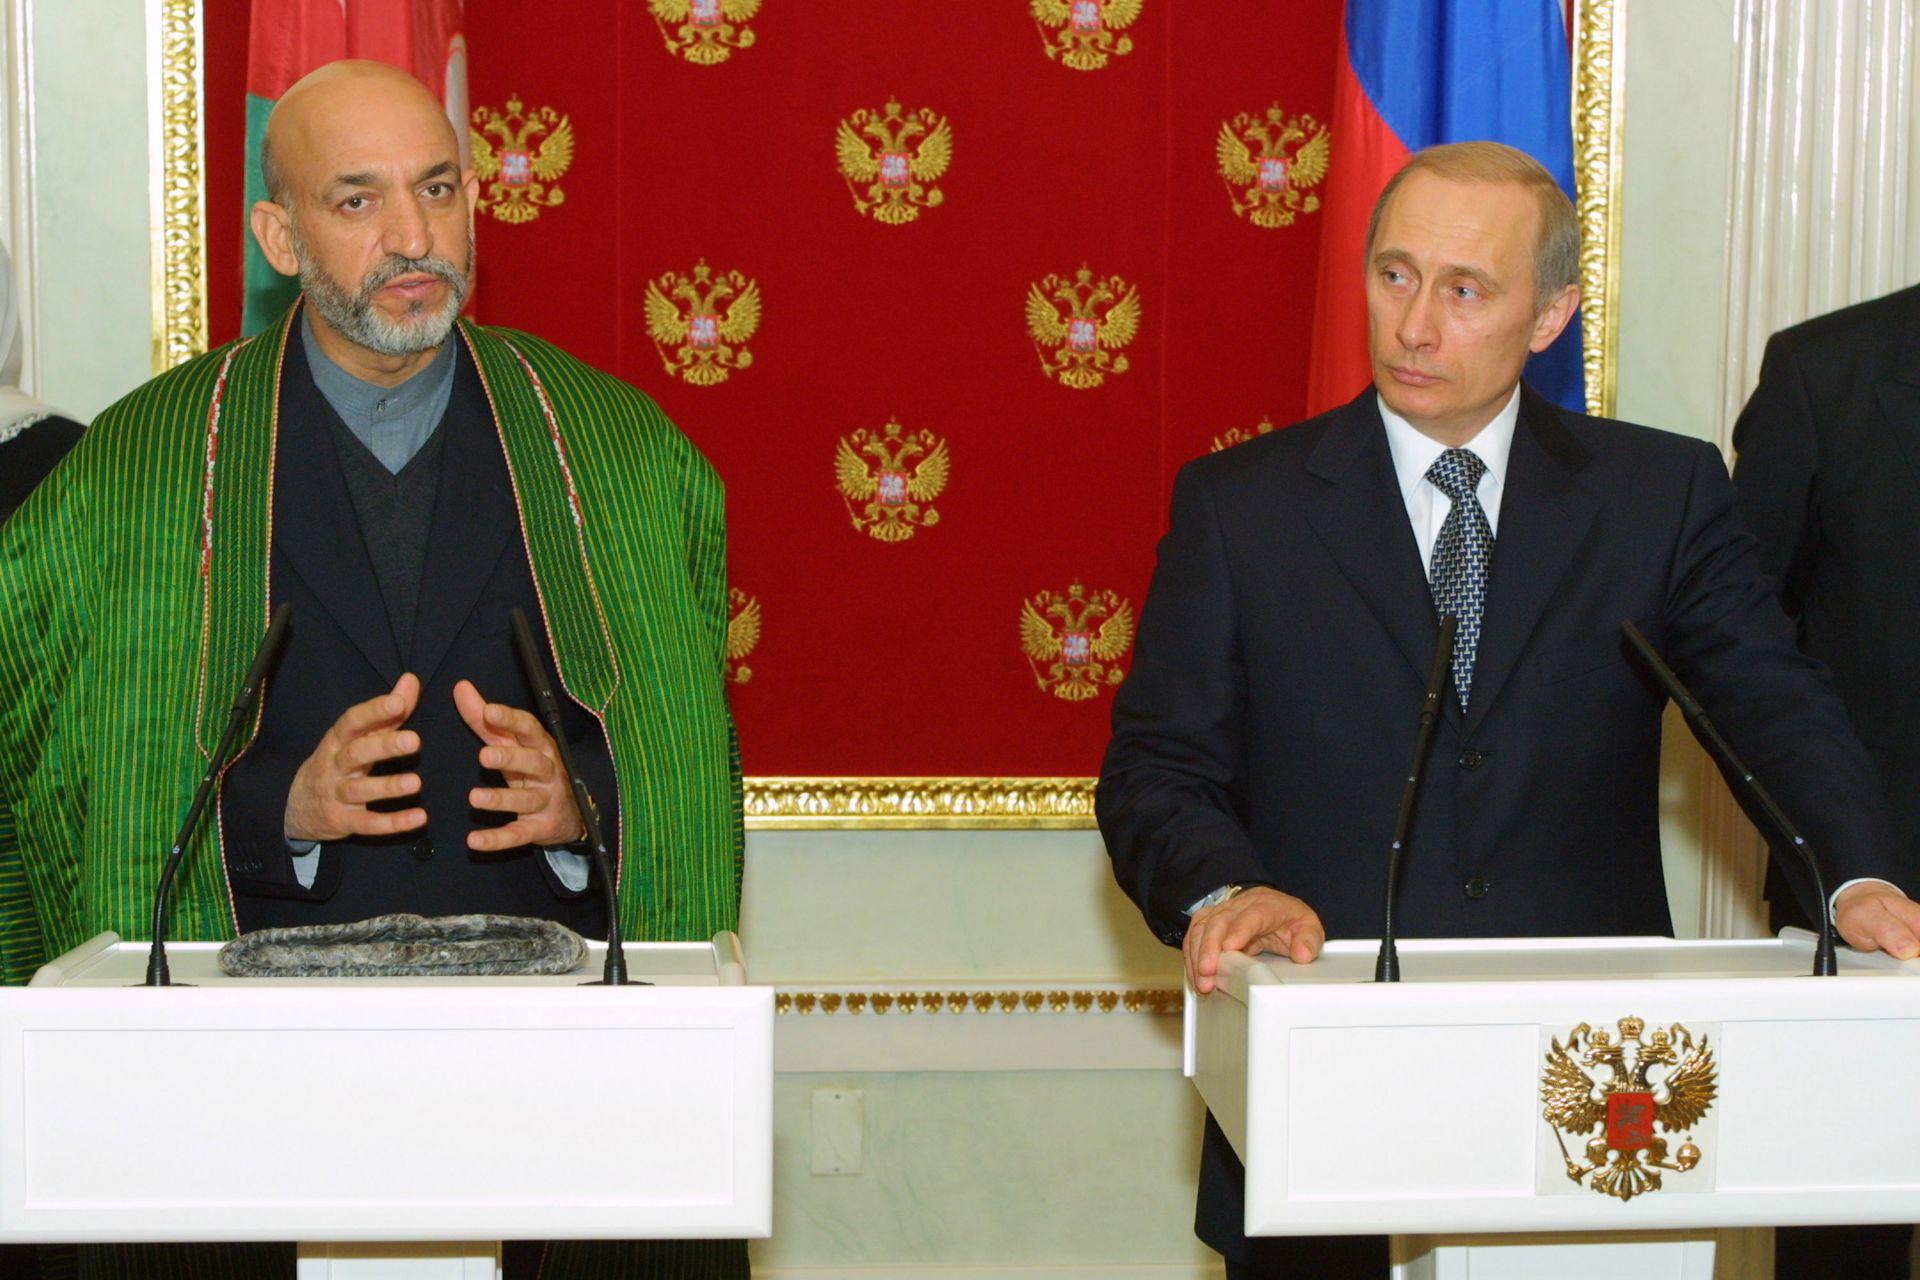 12 март 2002 г. - Владимир Путин с временния министър-председател на Афганистан Хамид Карзай след срещата им в Кремъл. Карзай иска руска помощ за възстановяване на страната си.